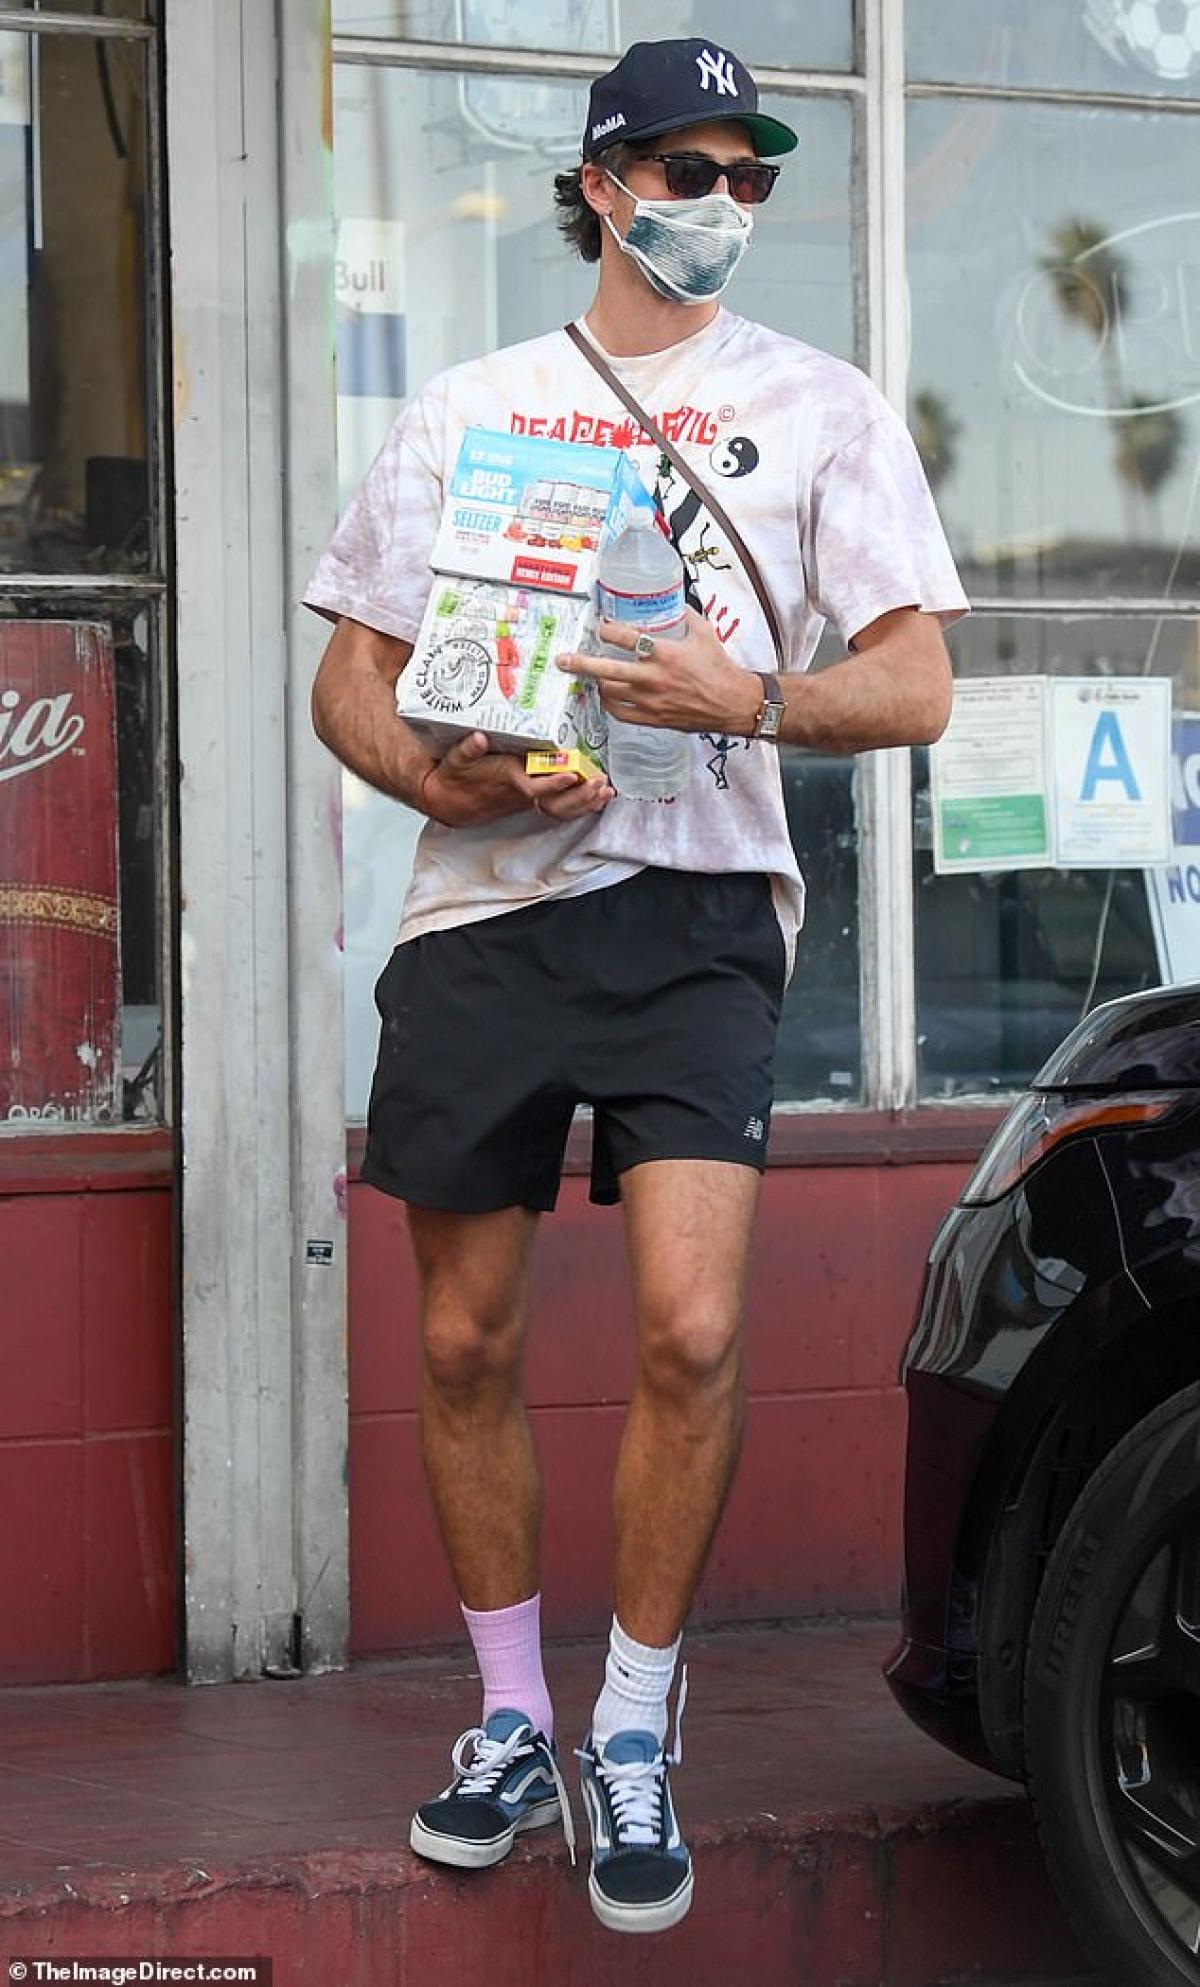 Trong khi Jacob Elordi tái xuất giản dị khi phối áo phông với quần shorts...